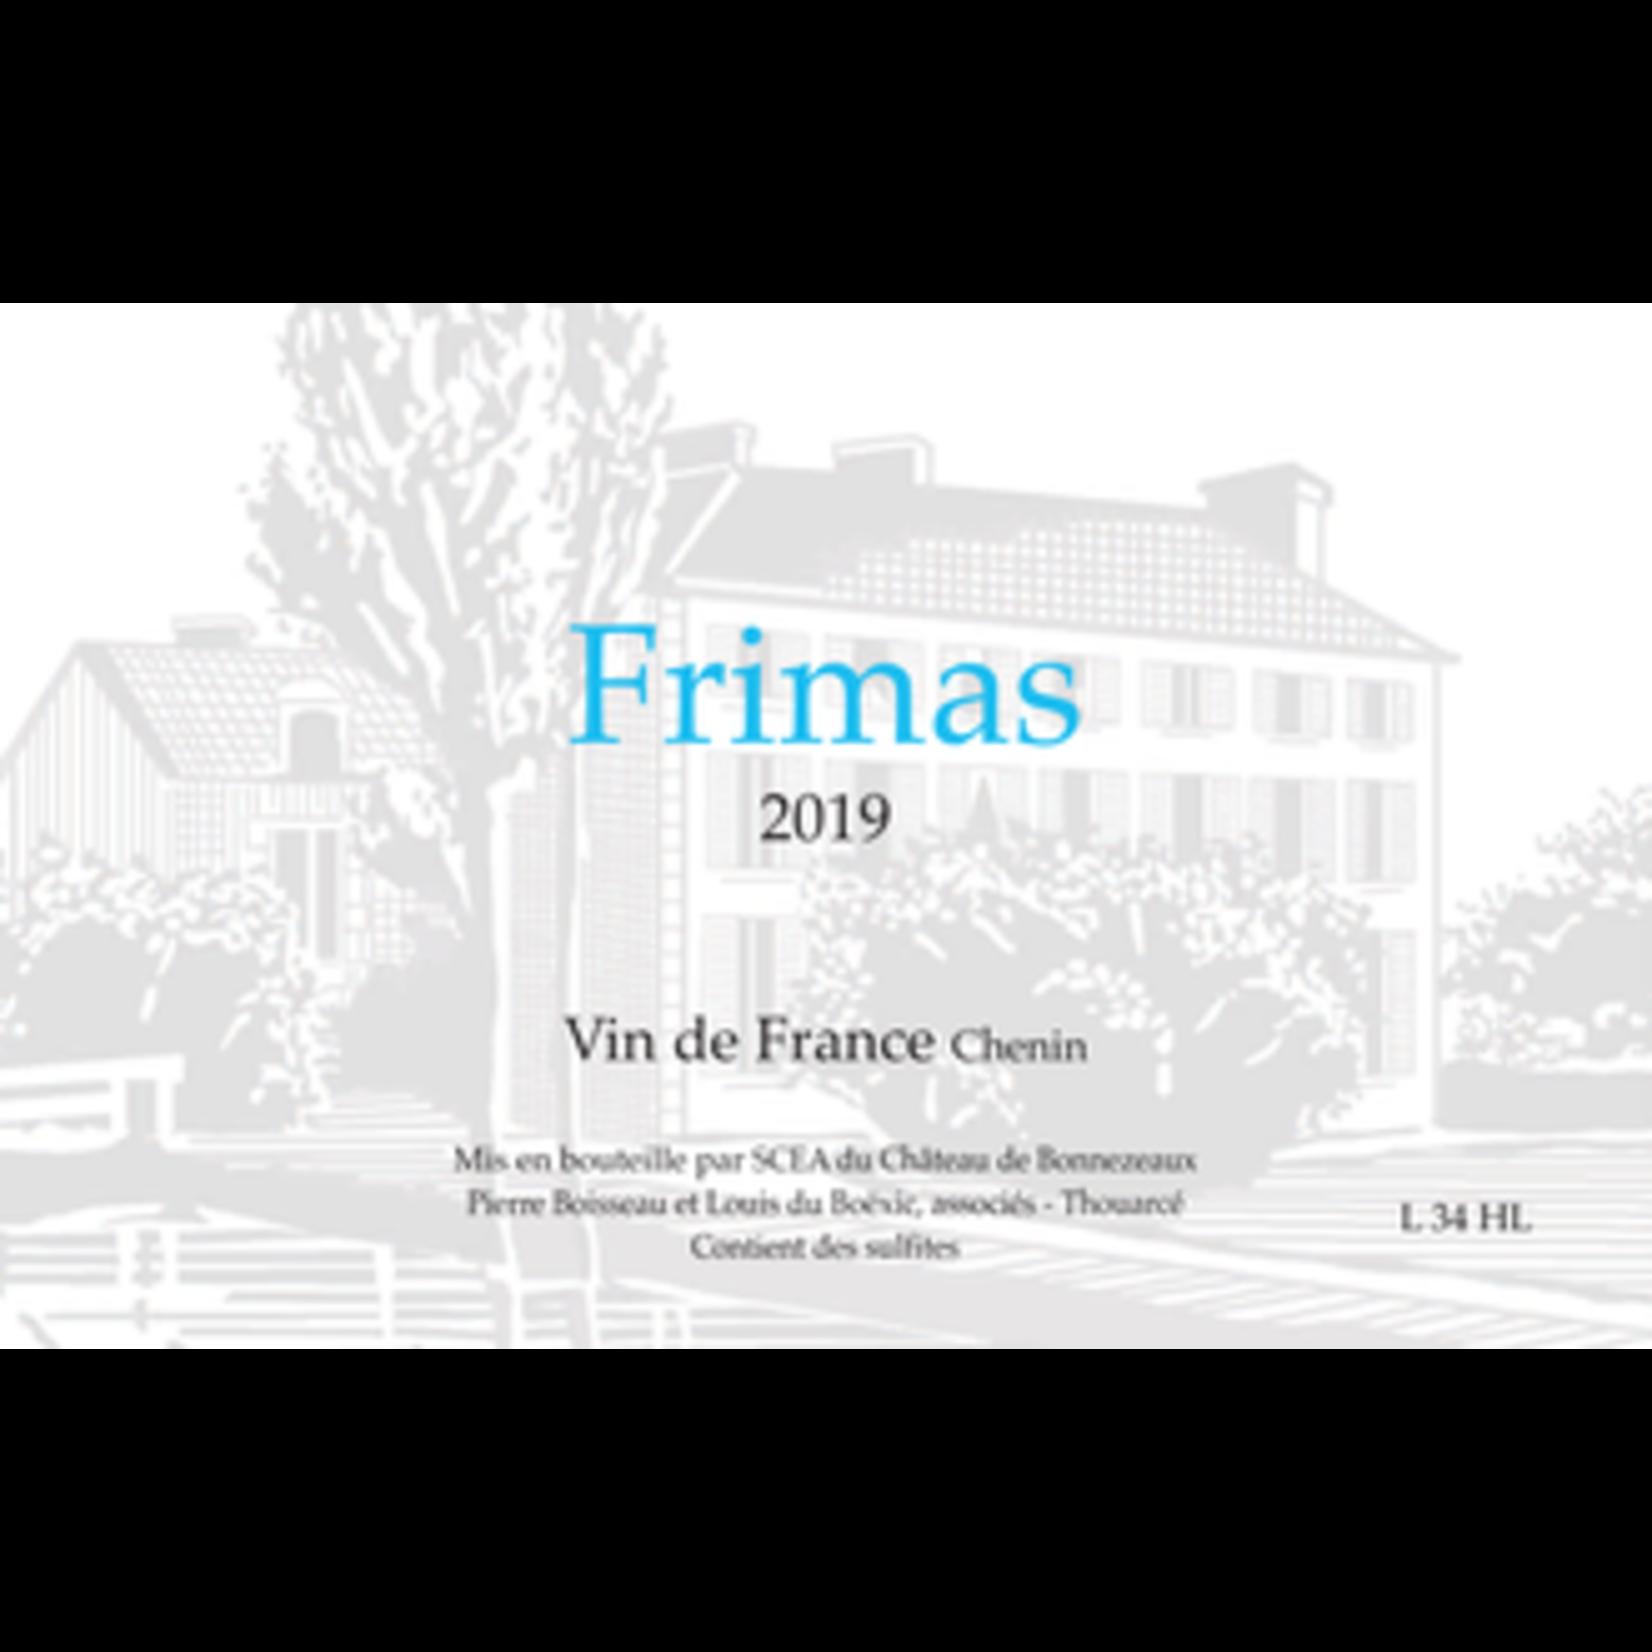 Wine Chateau De Bonnezeaux Frimas 2019